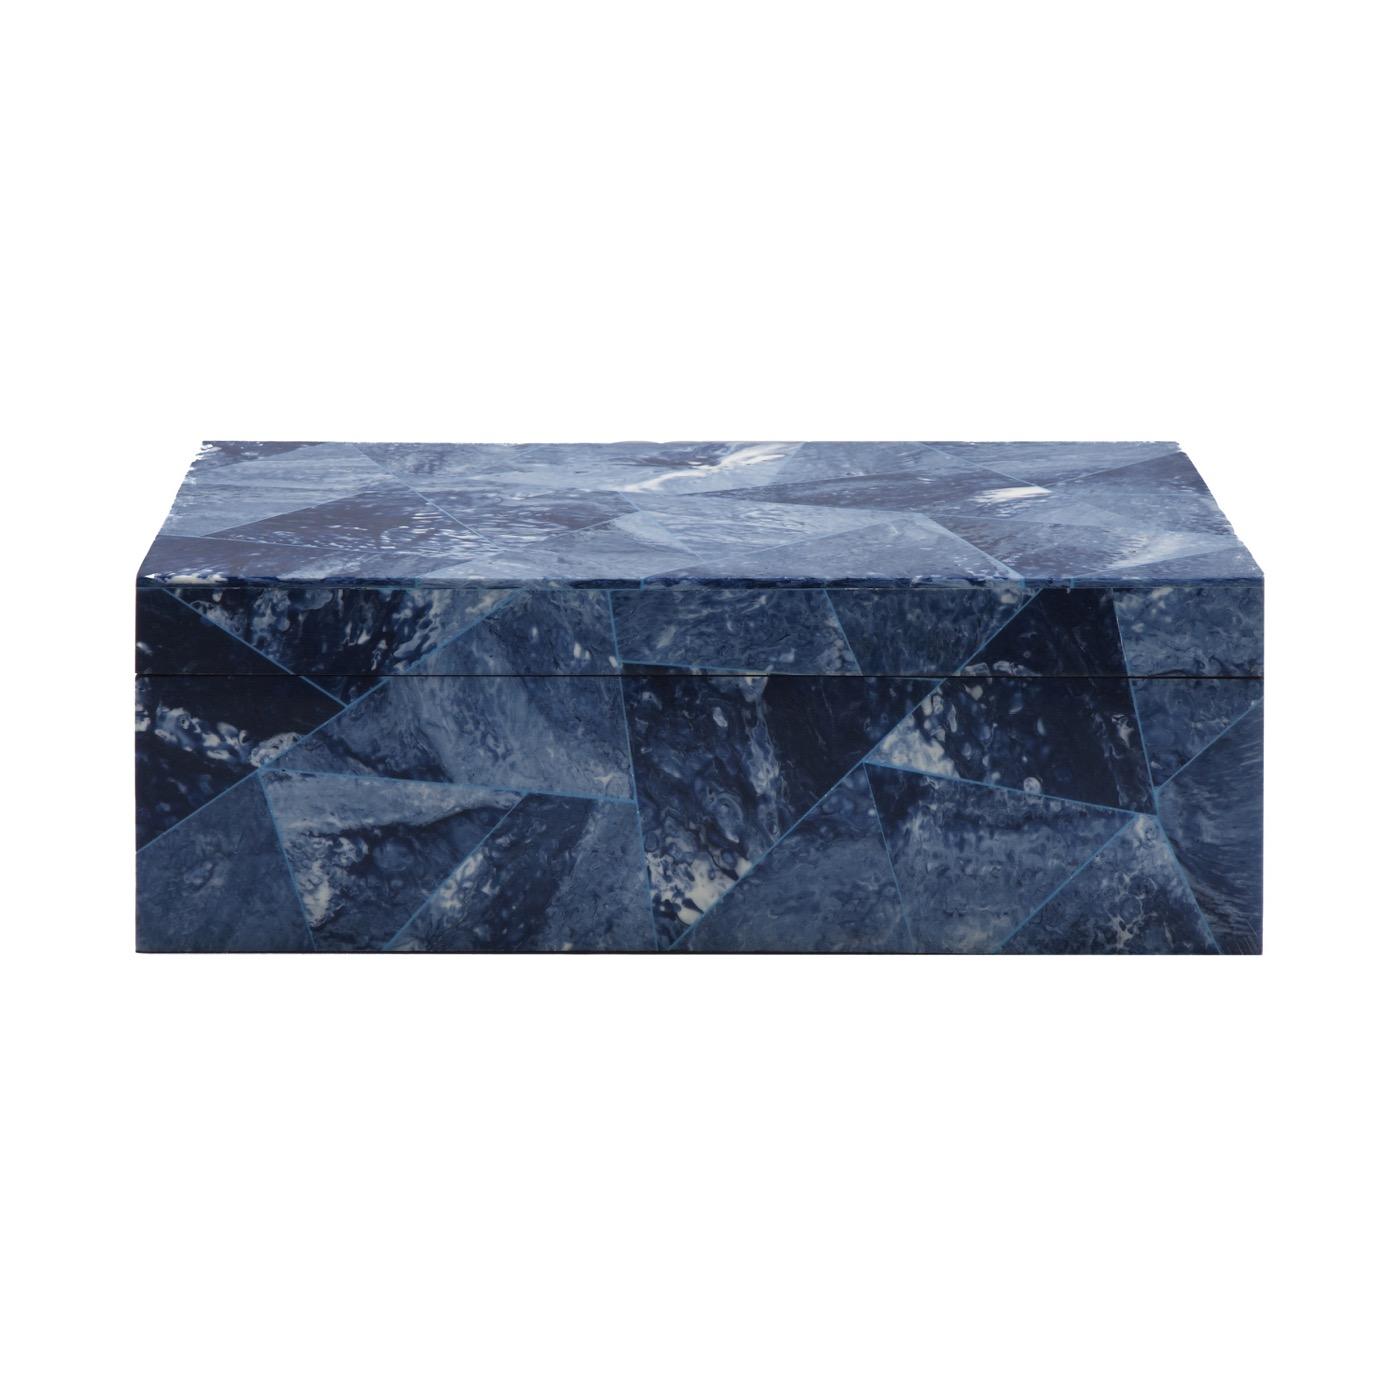 Zimbo Tiled Box | Blue Triangle